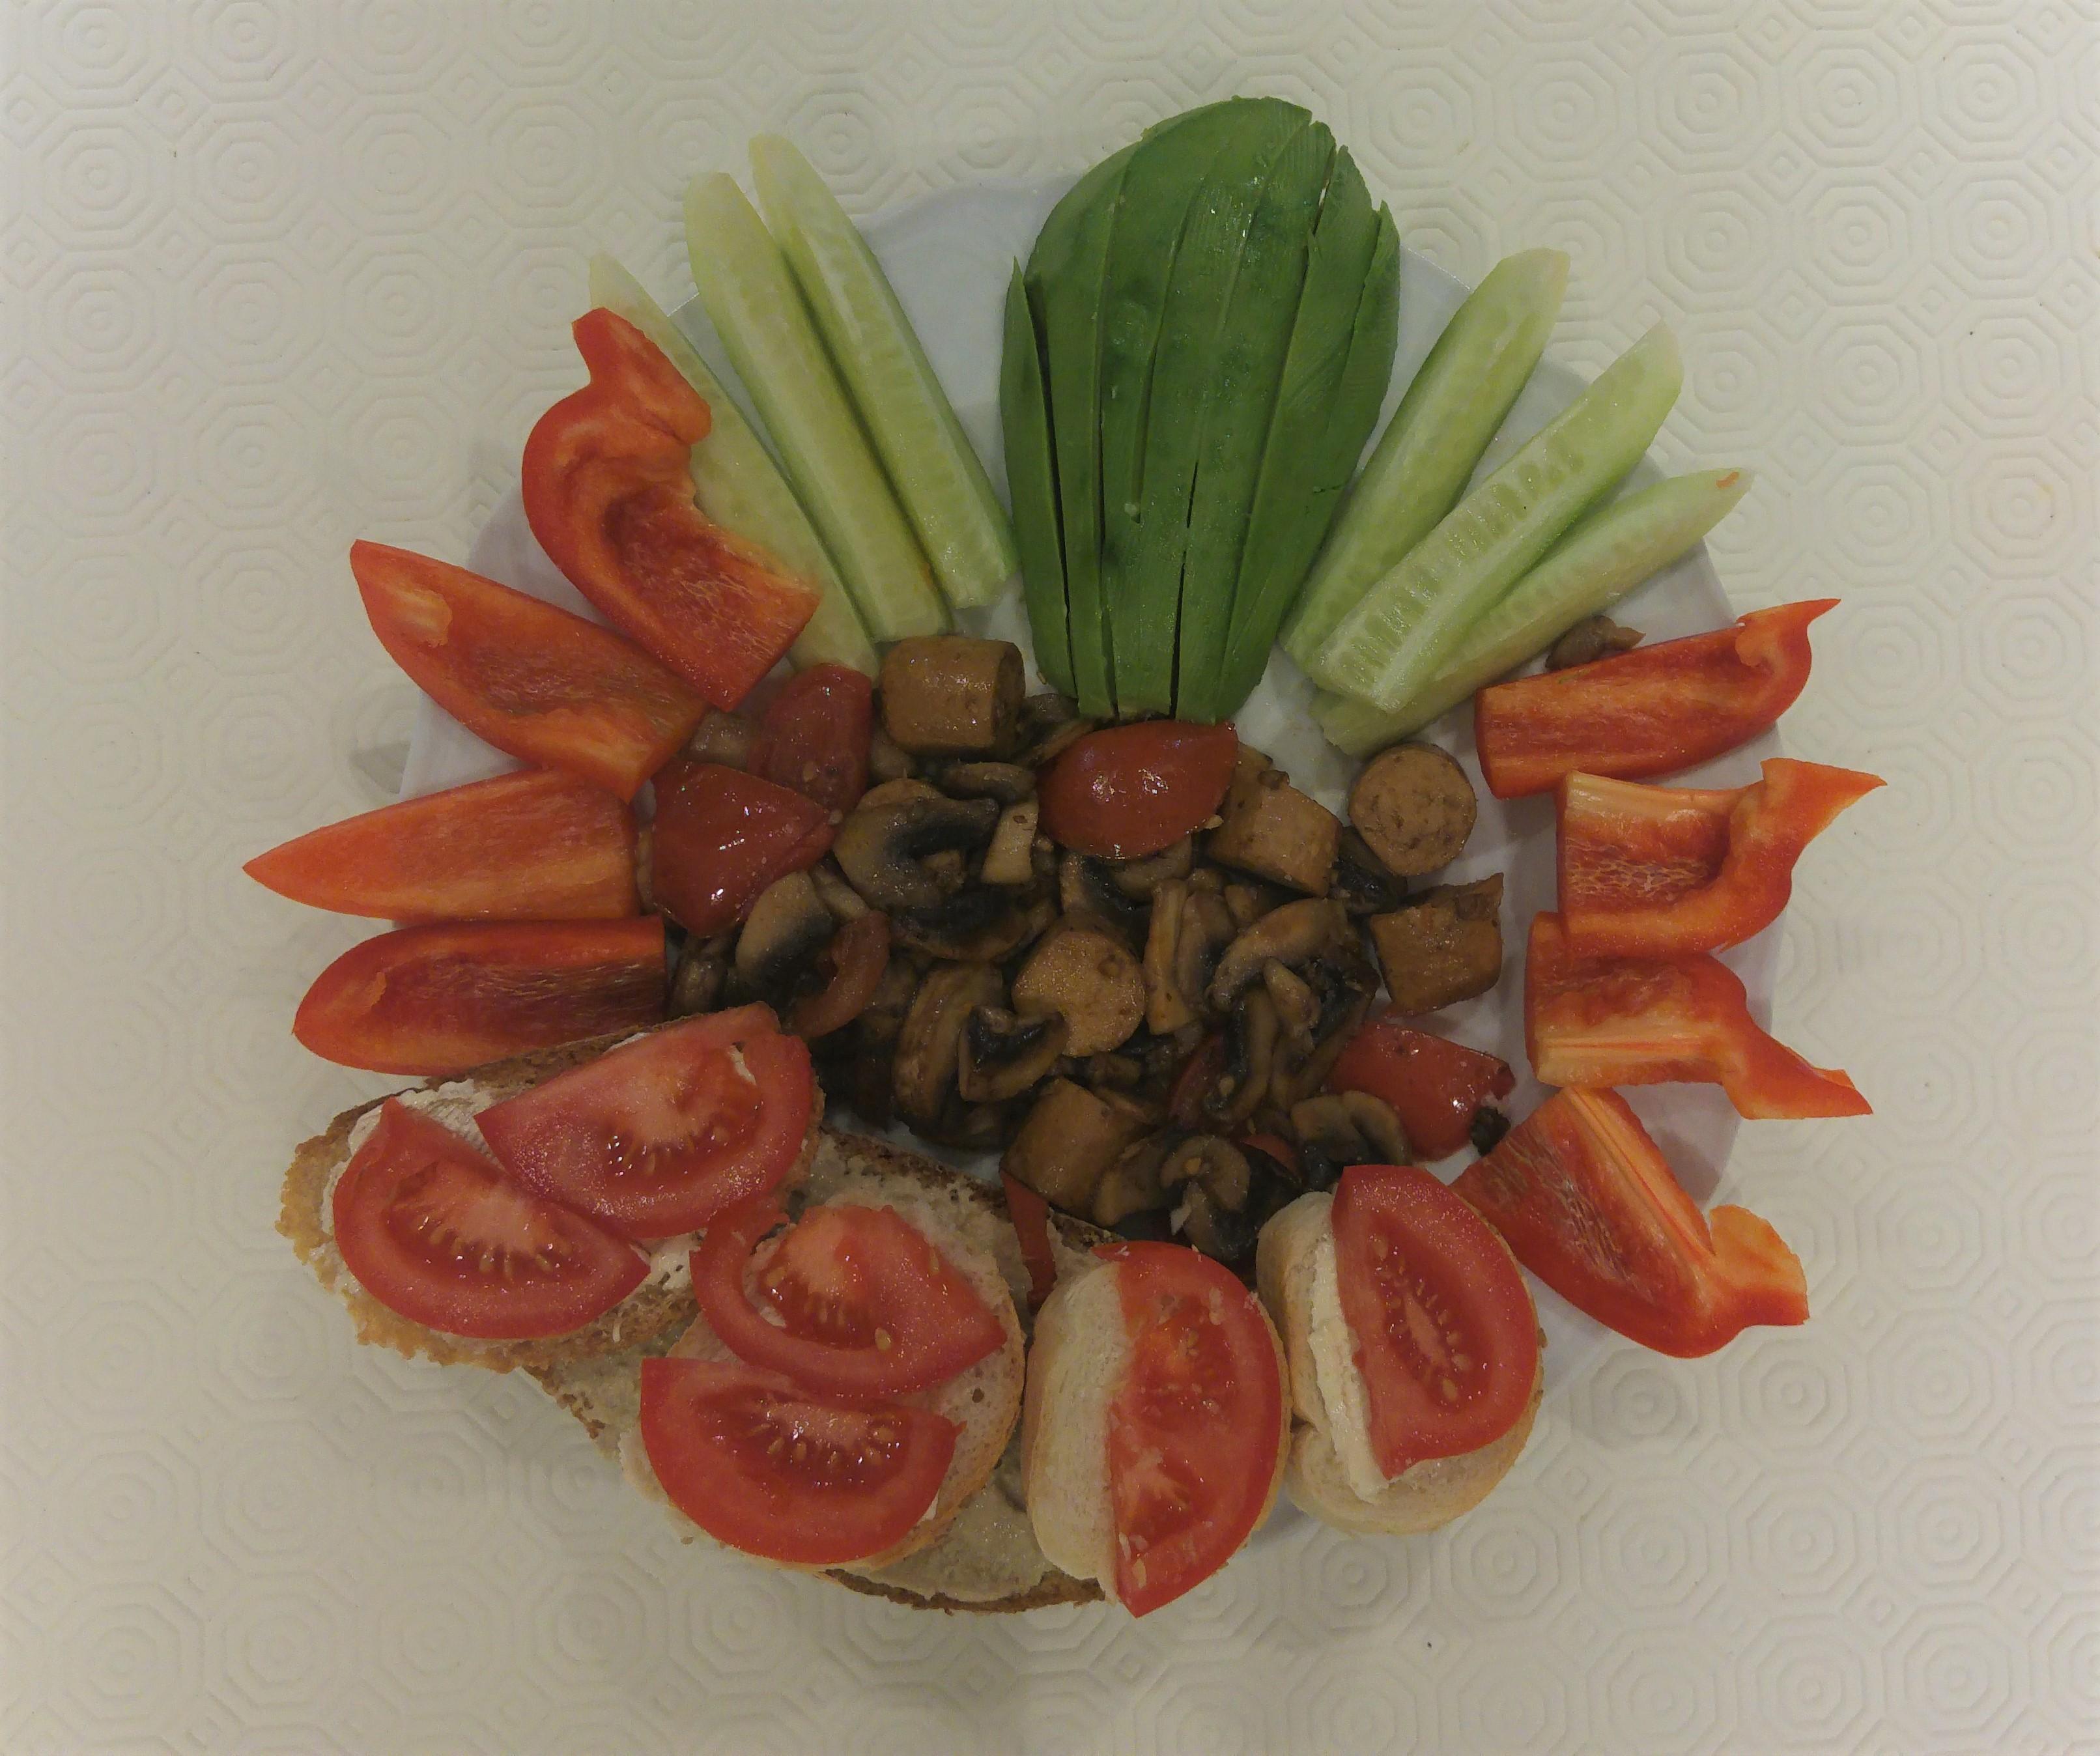 wegański obiad - przykład